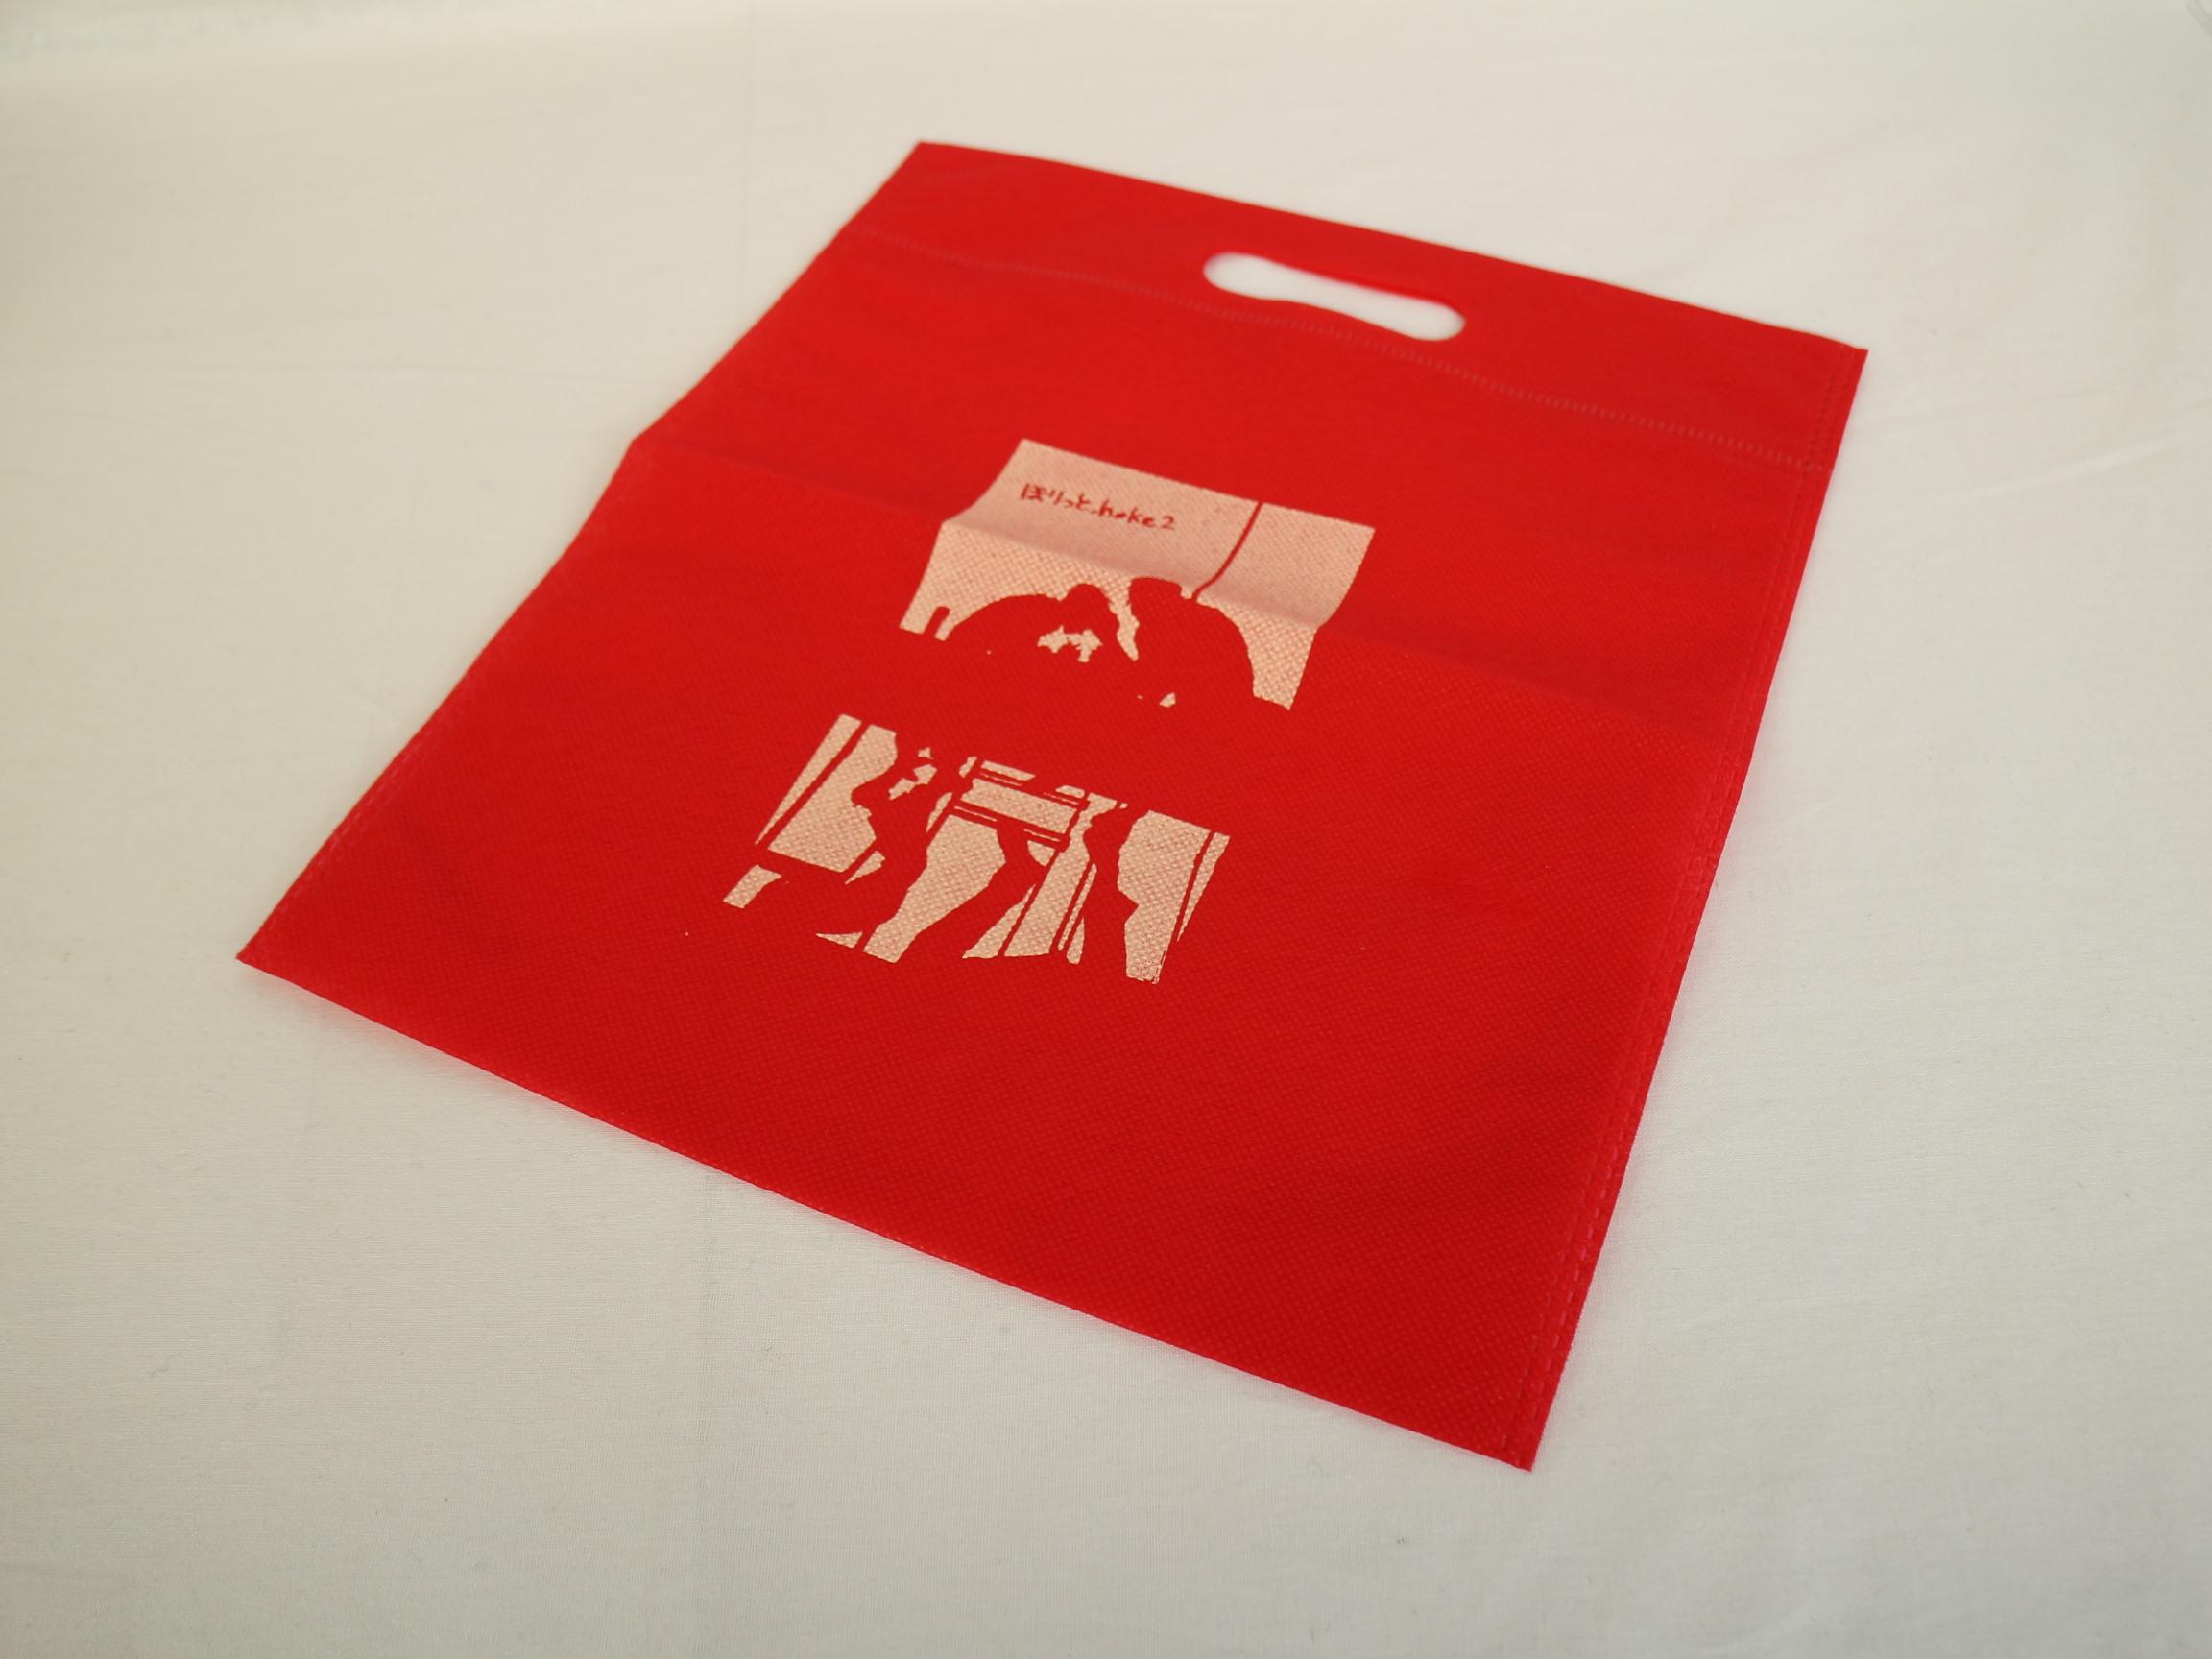 同人イベントでご利用いただくオリジナル不織布バッグ